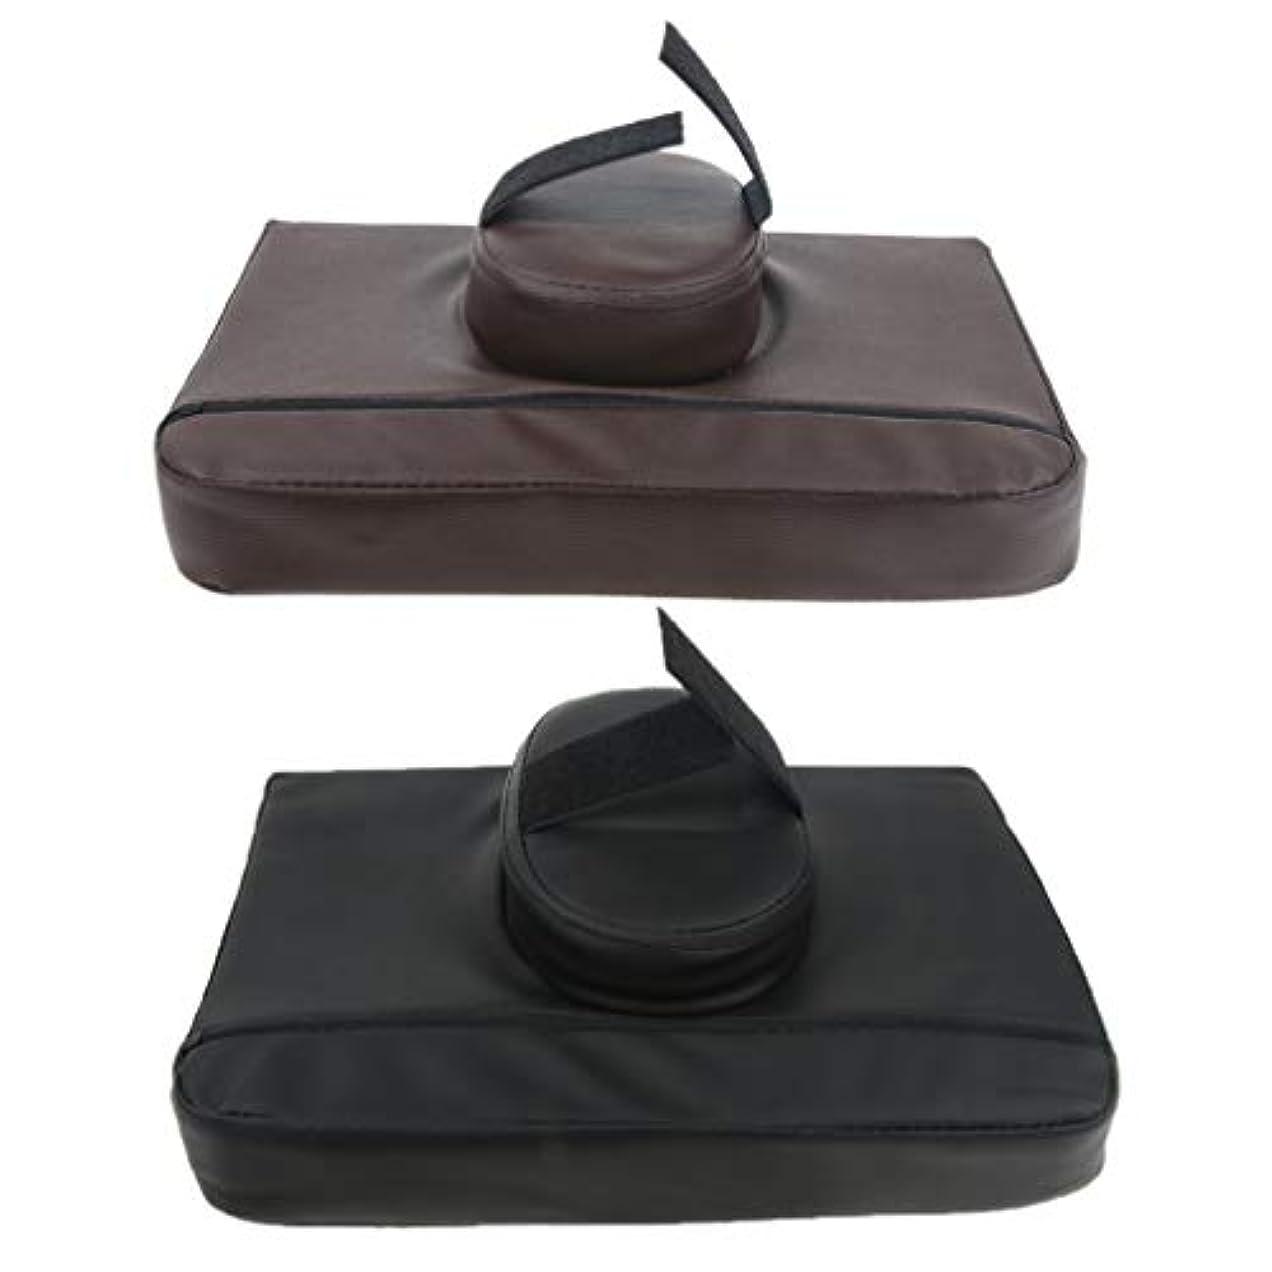 マッサージ枕 マッサージピロー スクエア マッサージテーブル用クッション 通気性 快適 実用的 2個